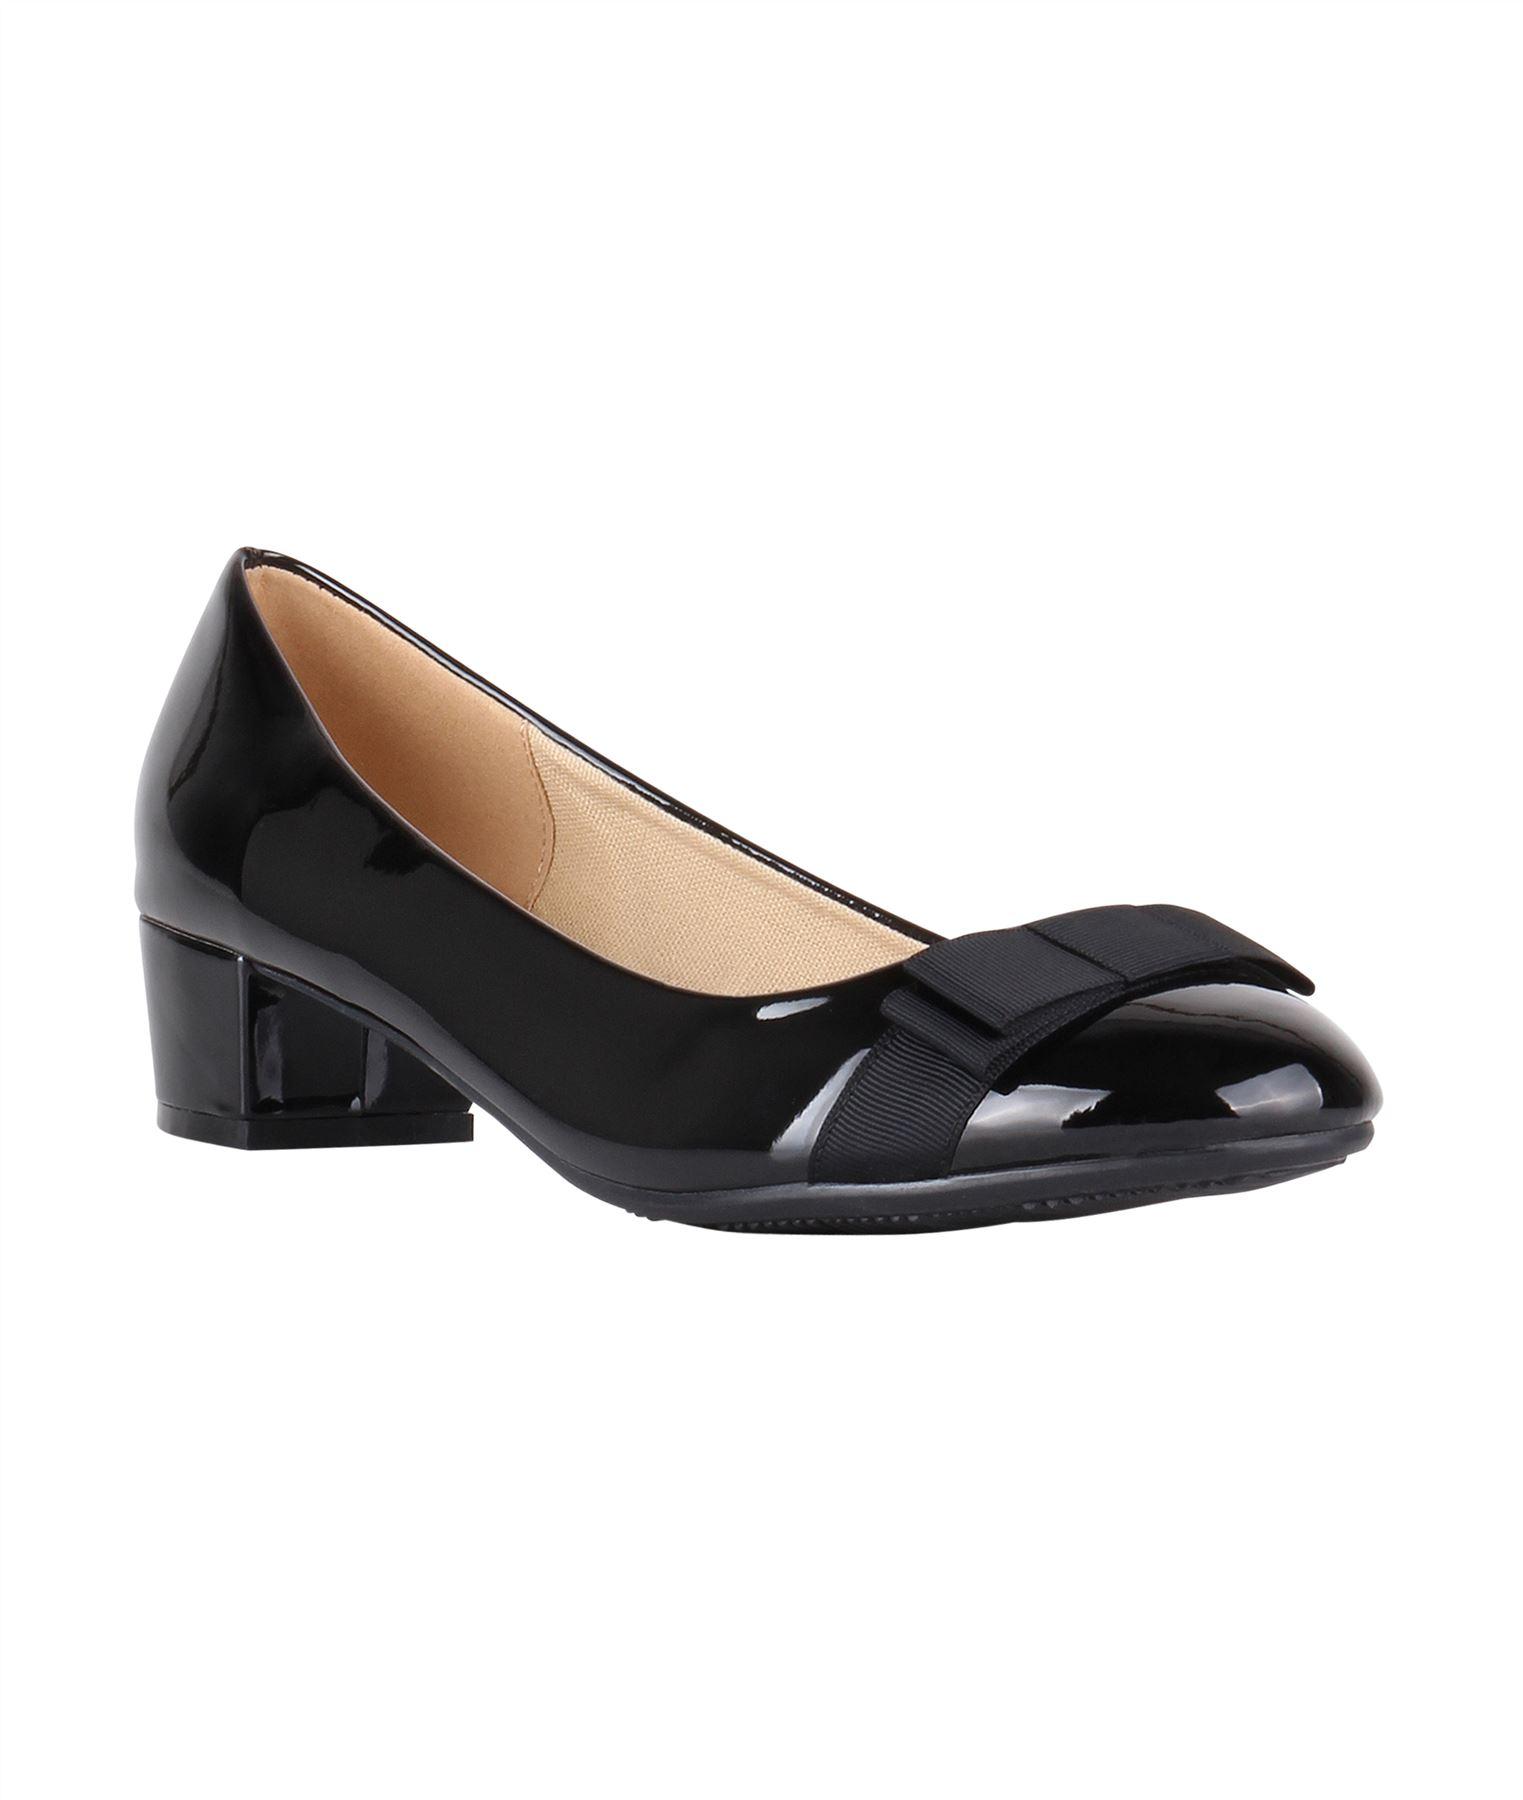 Damen-Elegante-Absatzschuhe-Hochlganz-Pumps-Blockabsatz-Ballerina-Schuhe-Chic Indexbild 23